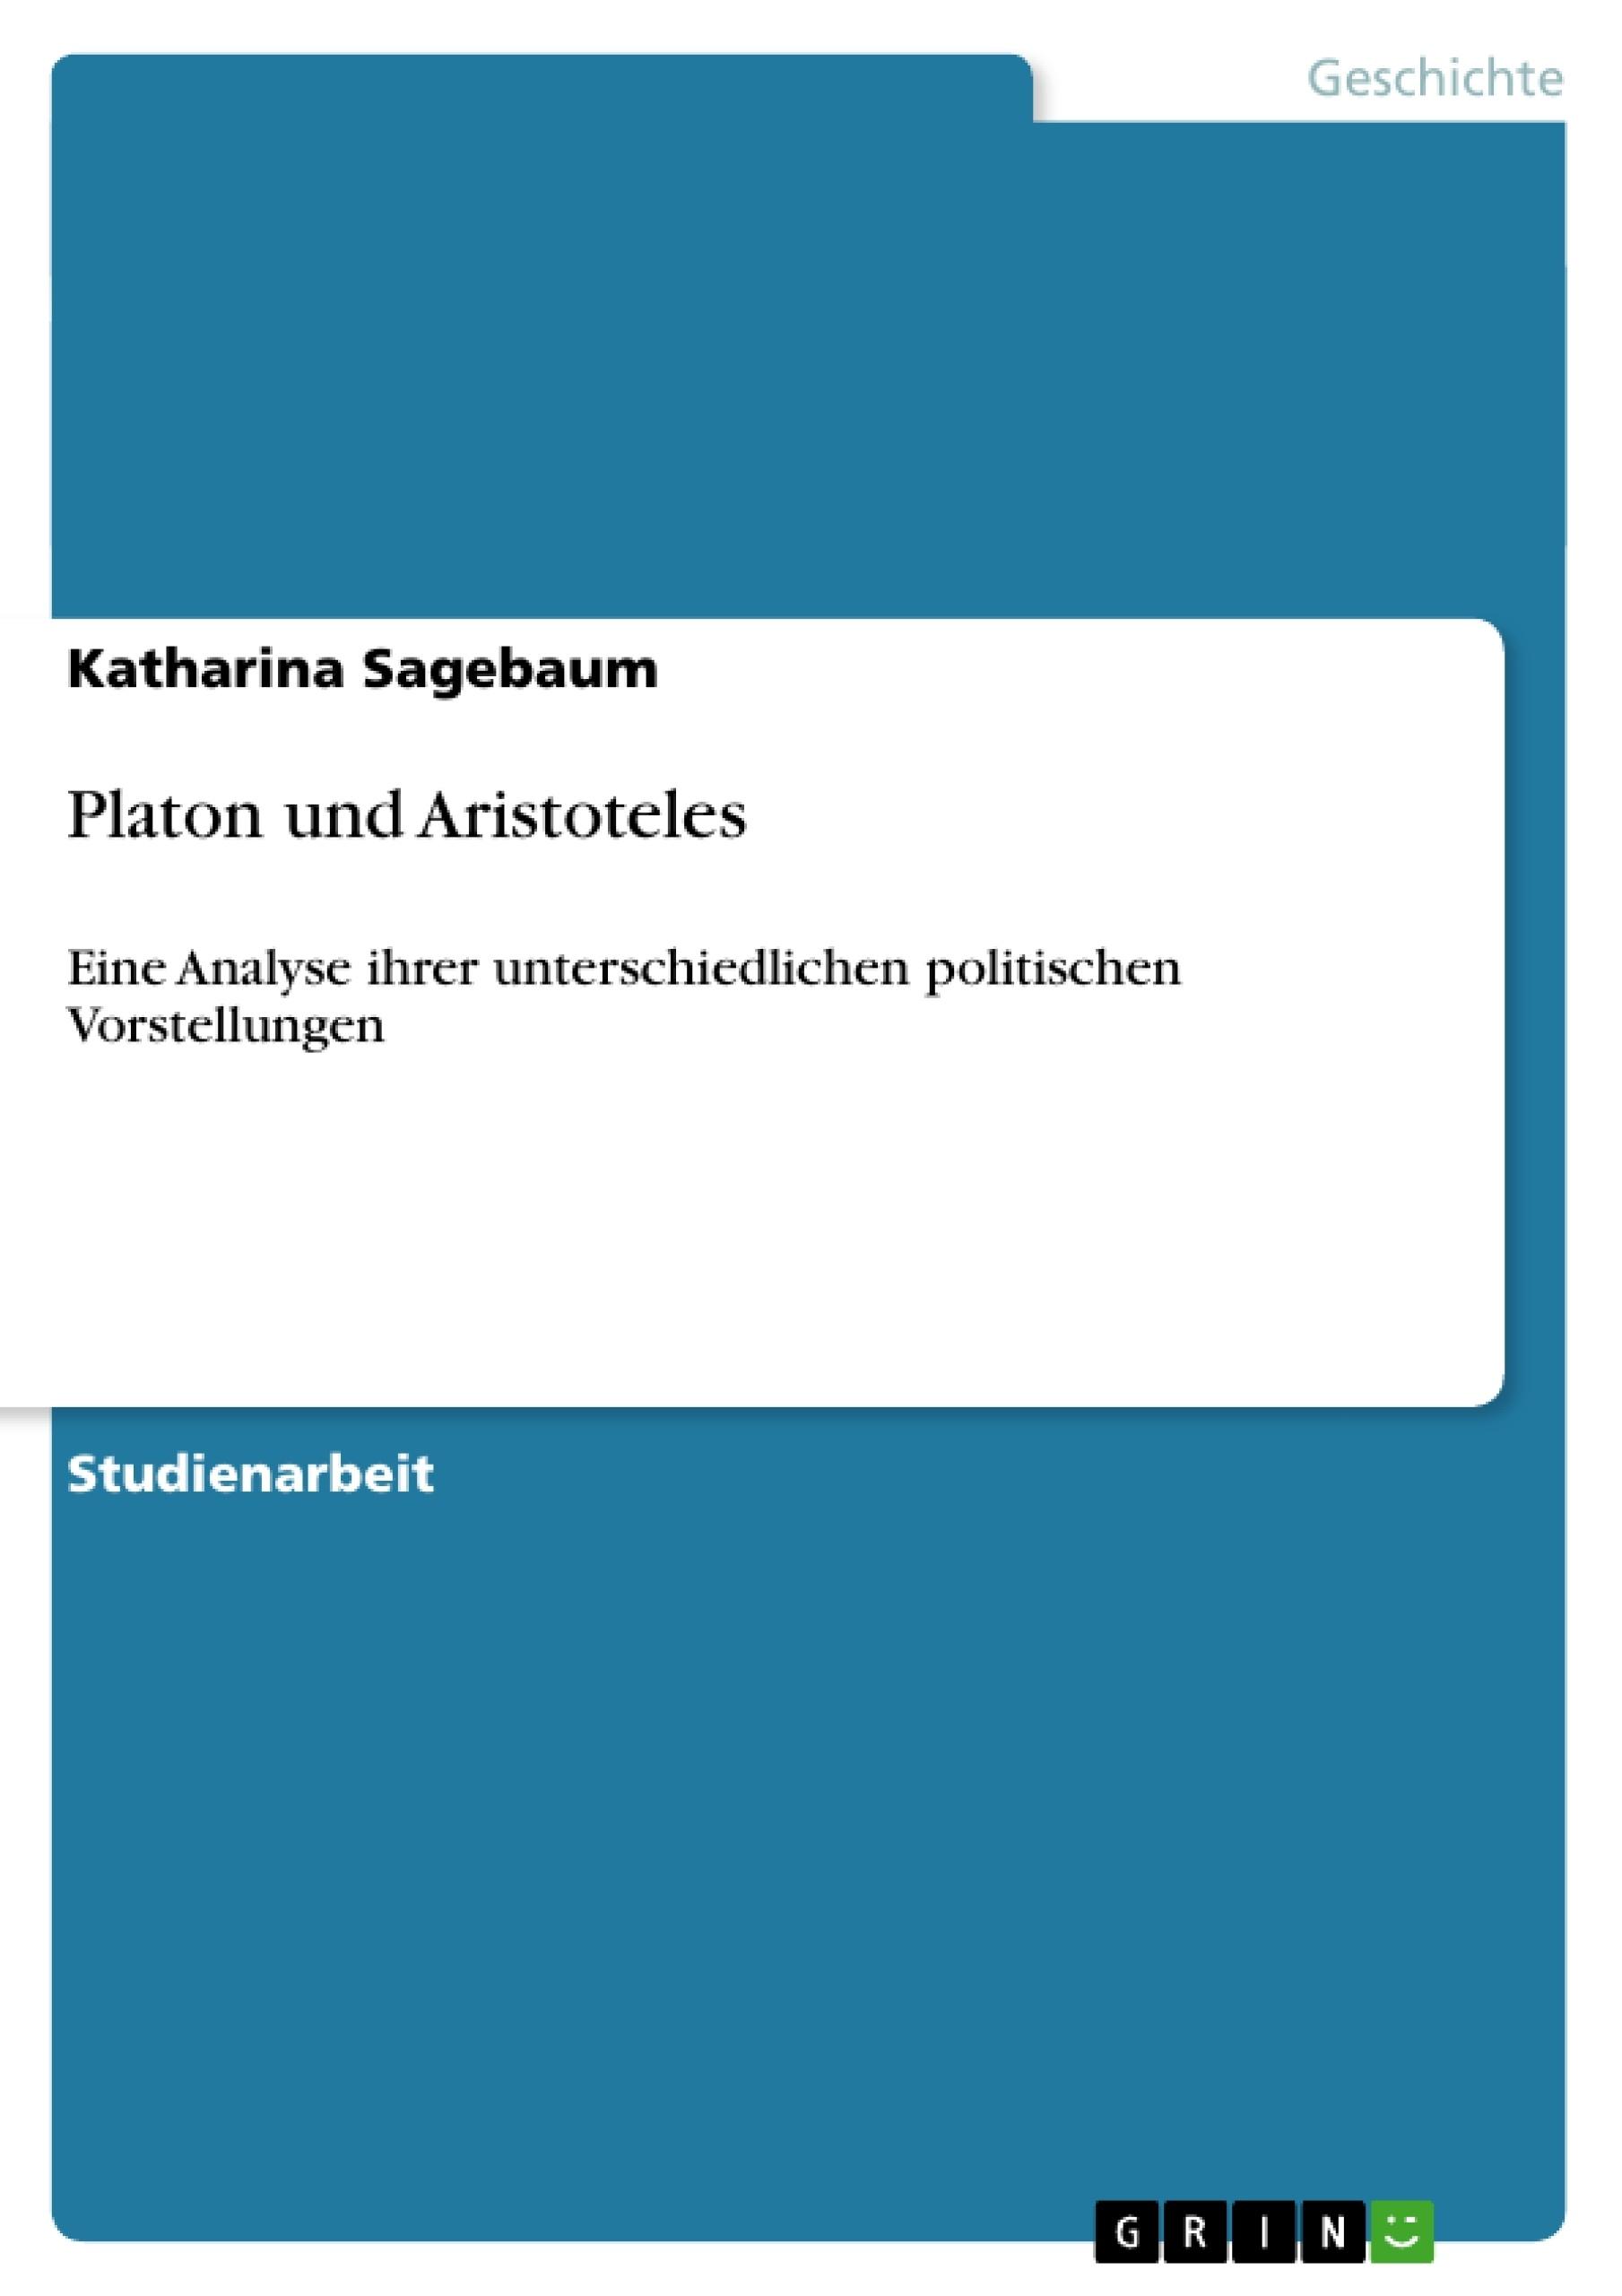 Titel: Platon und Aristoteles